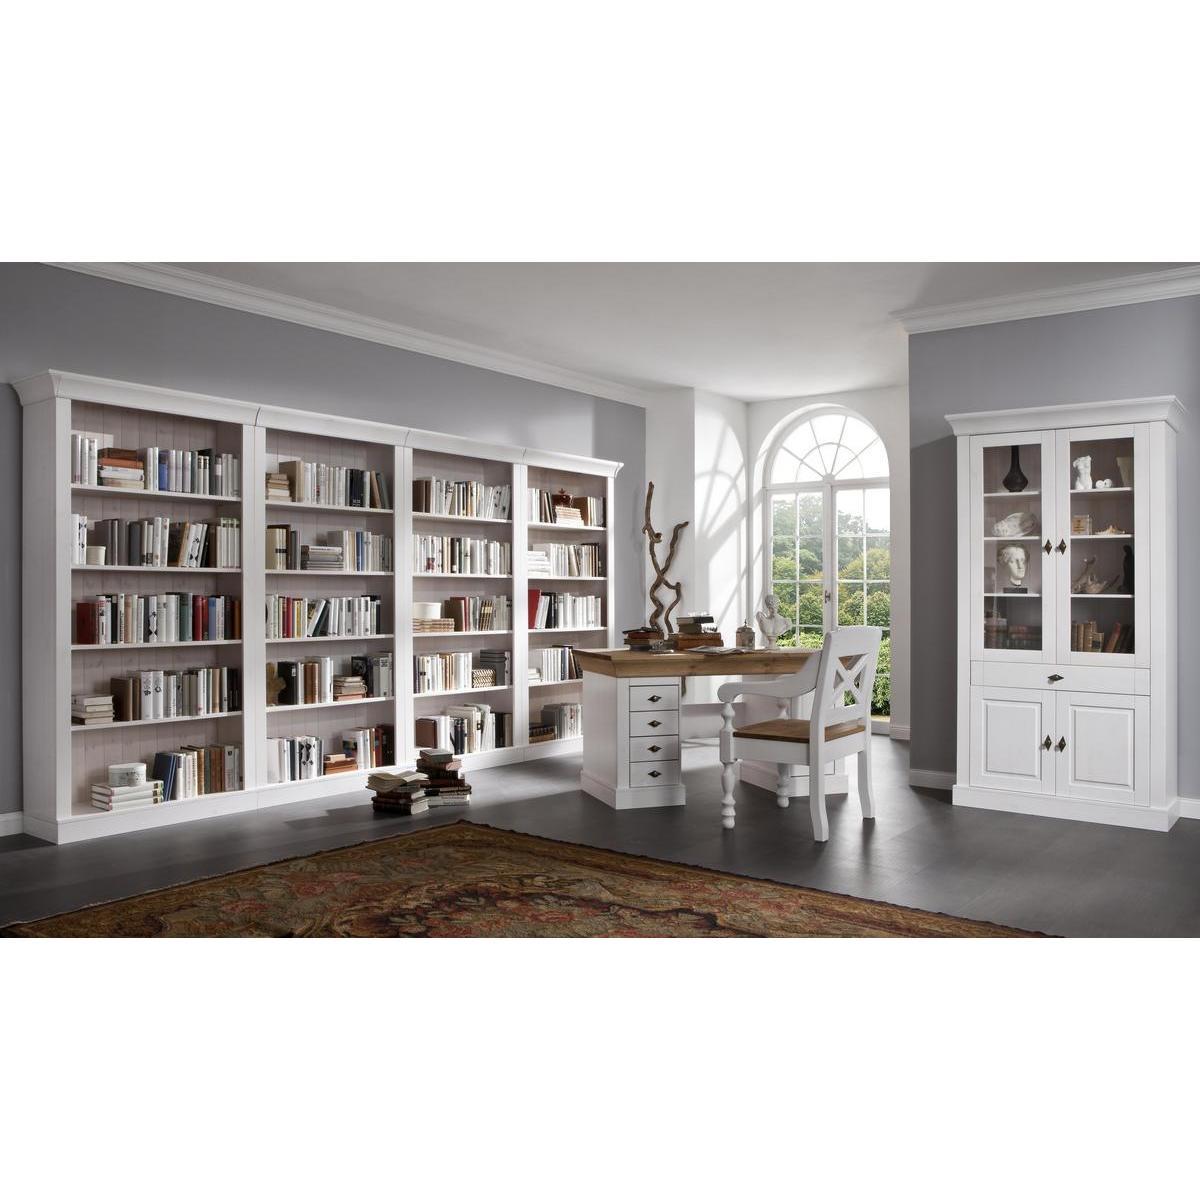 Landhaus Schreibtisch Kiefer massiv weiß/honig gebeizt/lackiert ...